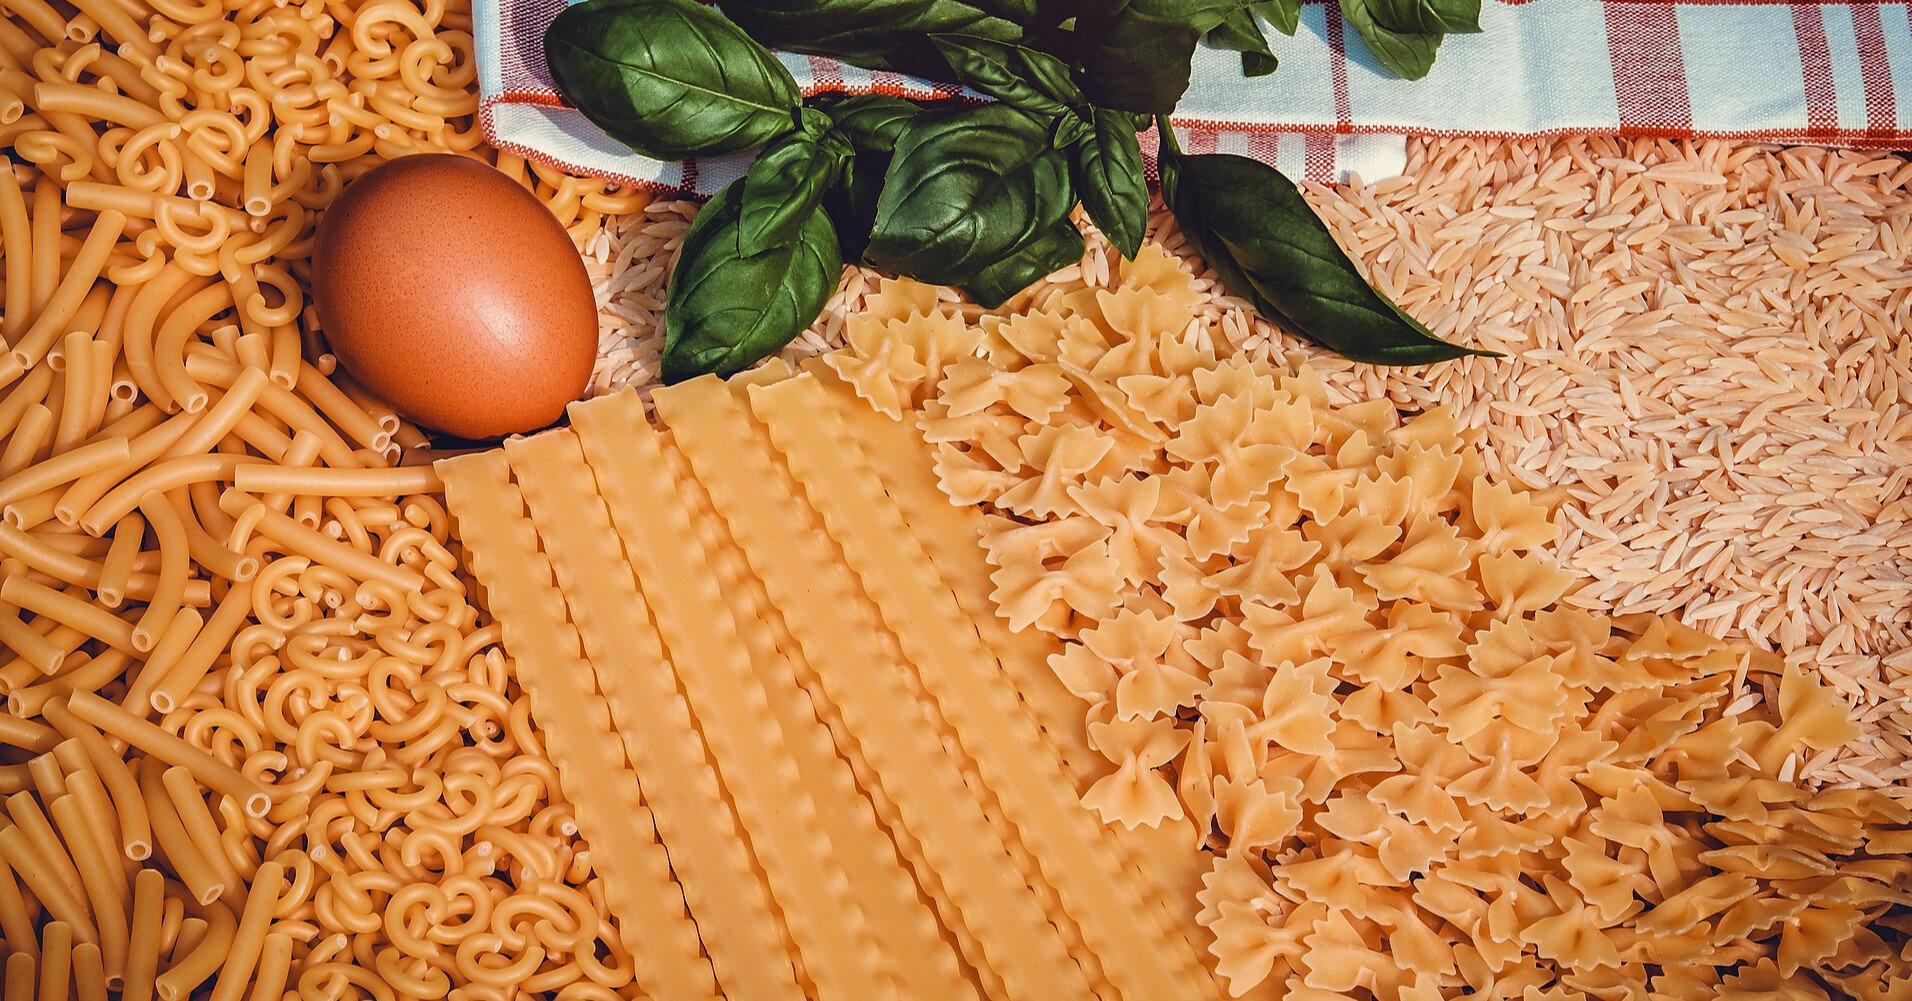 В каких случаях макароны способны навредить здоровью